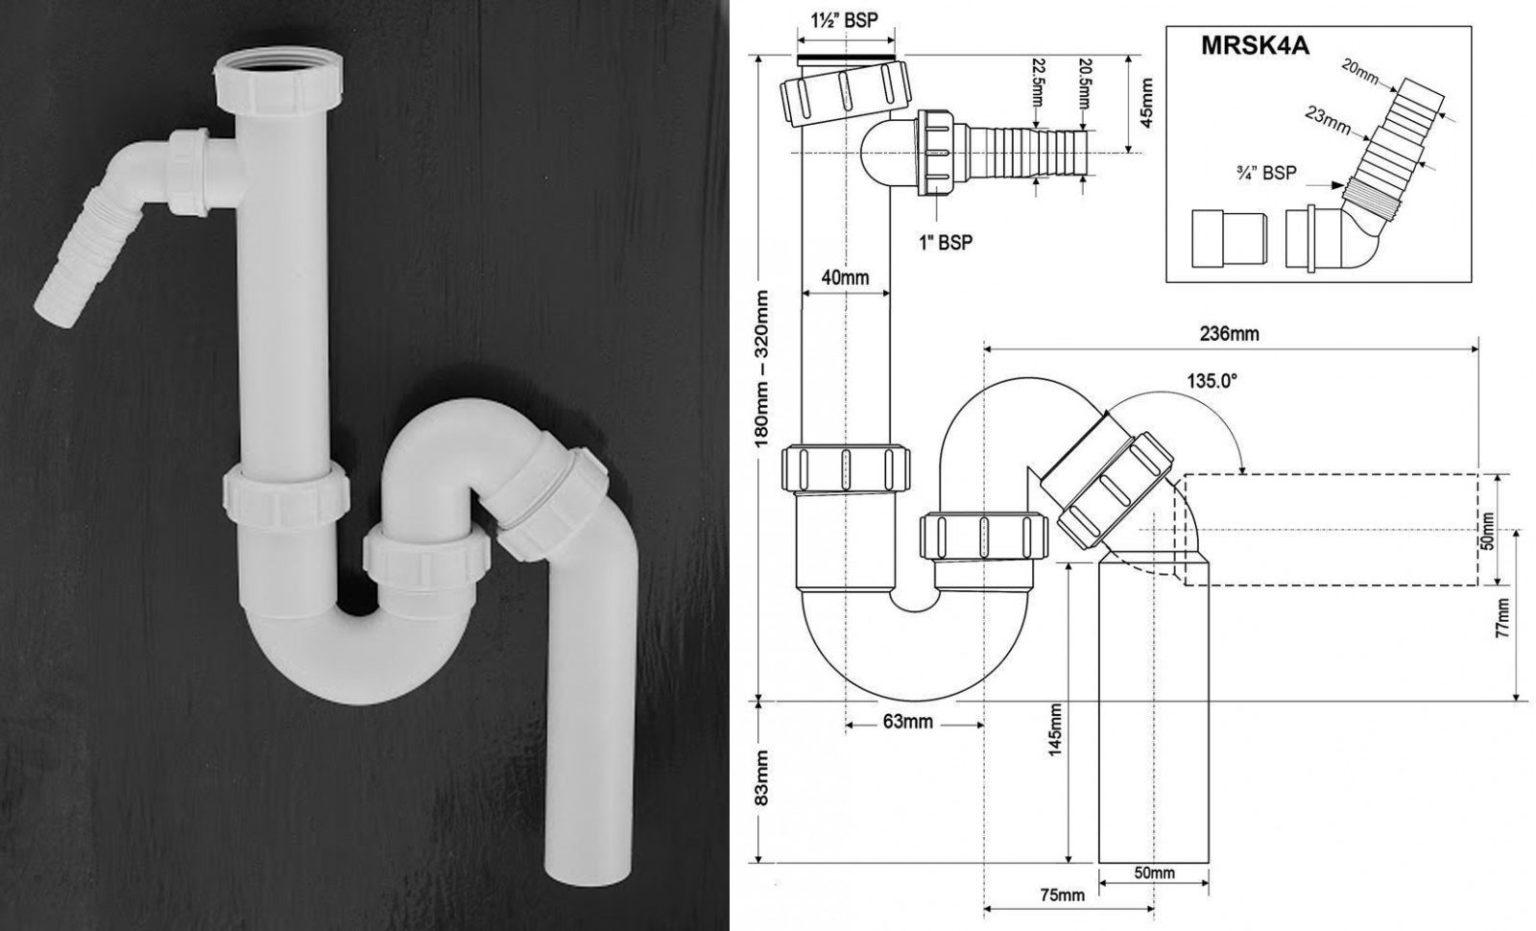 Выбор и установка сифона для мойки (раковины) на кухню